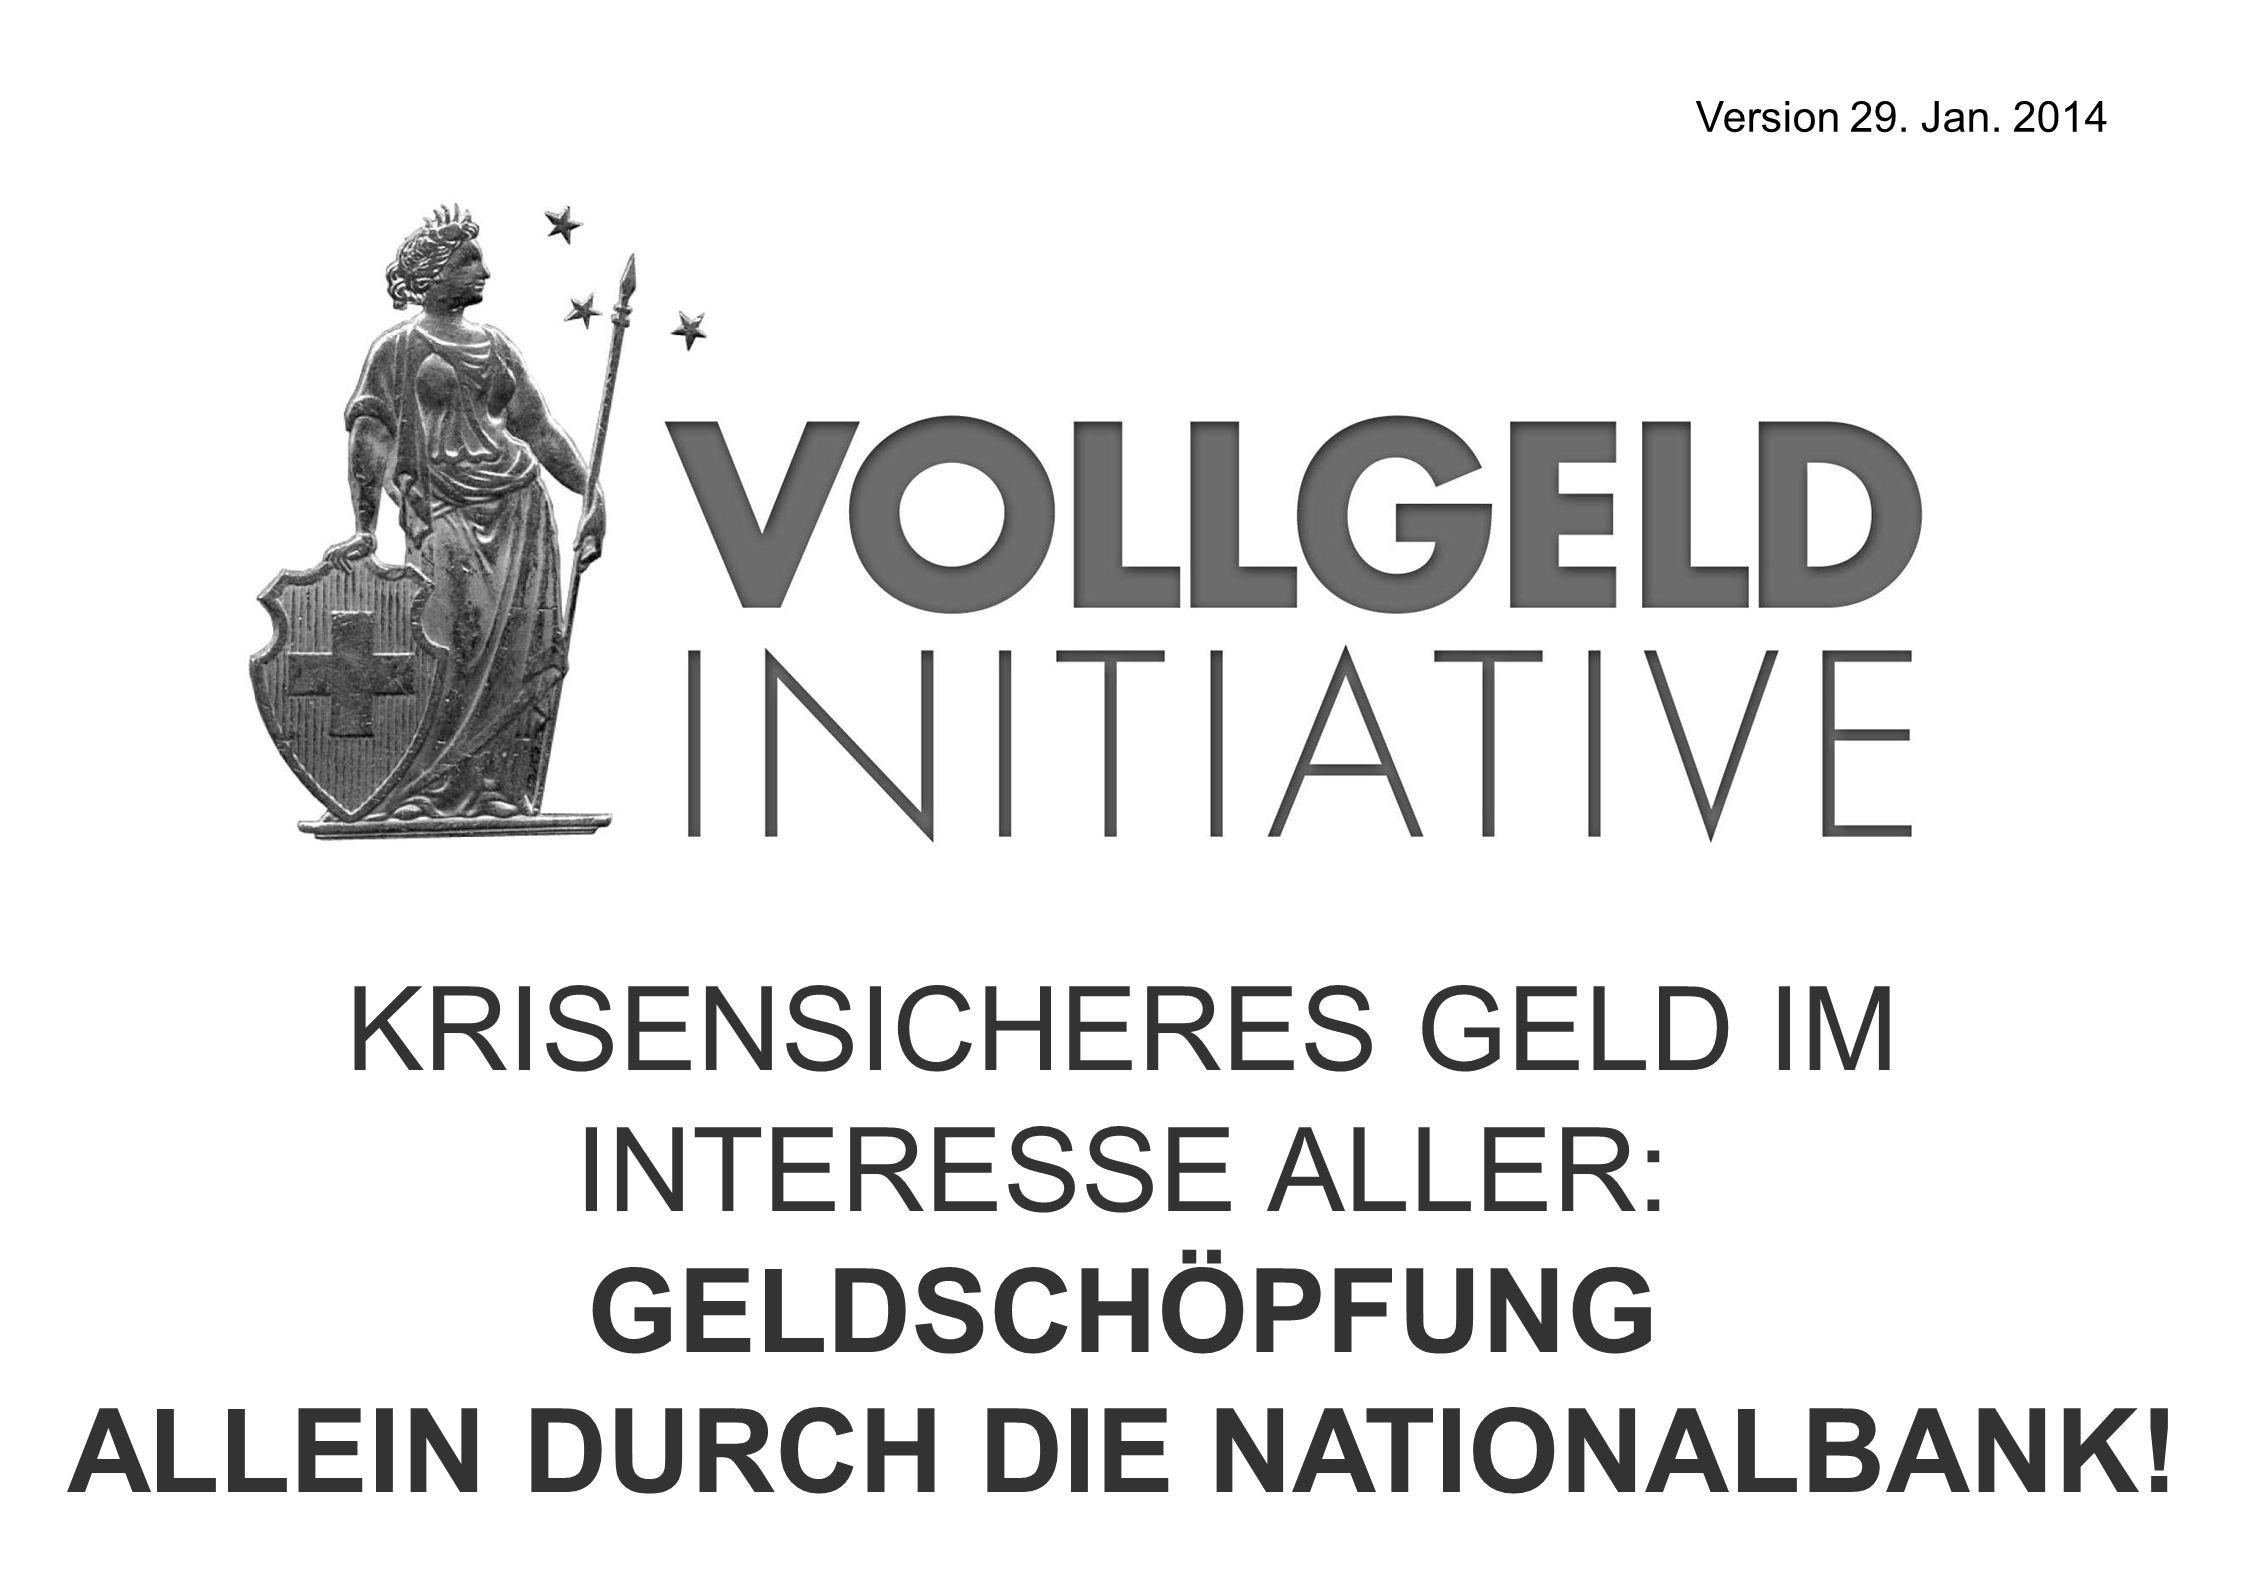 KRISENSICHERES GELD IM INTERESSE ALLER: GELDSCHÖPFUNG ALLEIN DURCH DIE NATIONALBANK! Version 29. Jan. 2014